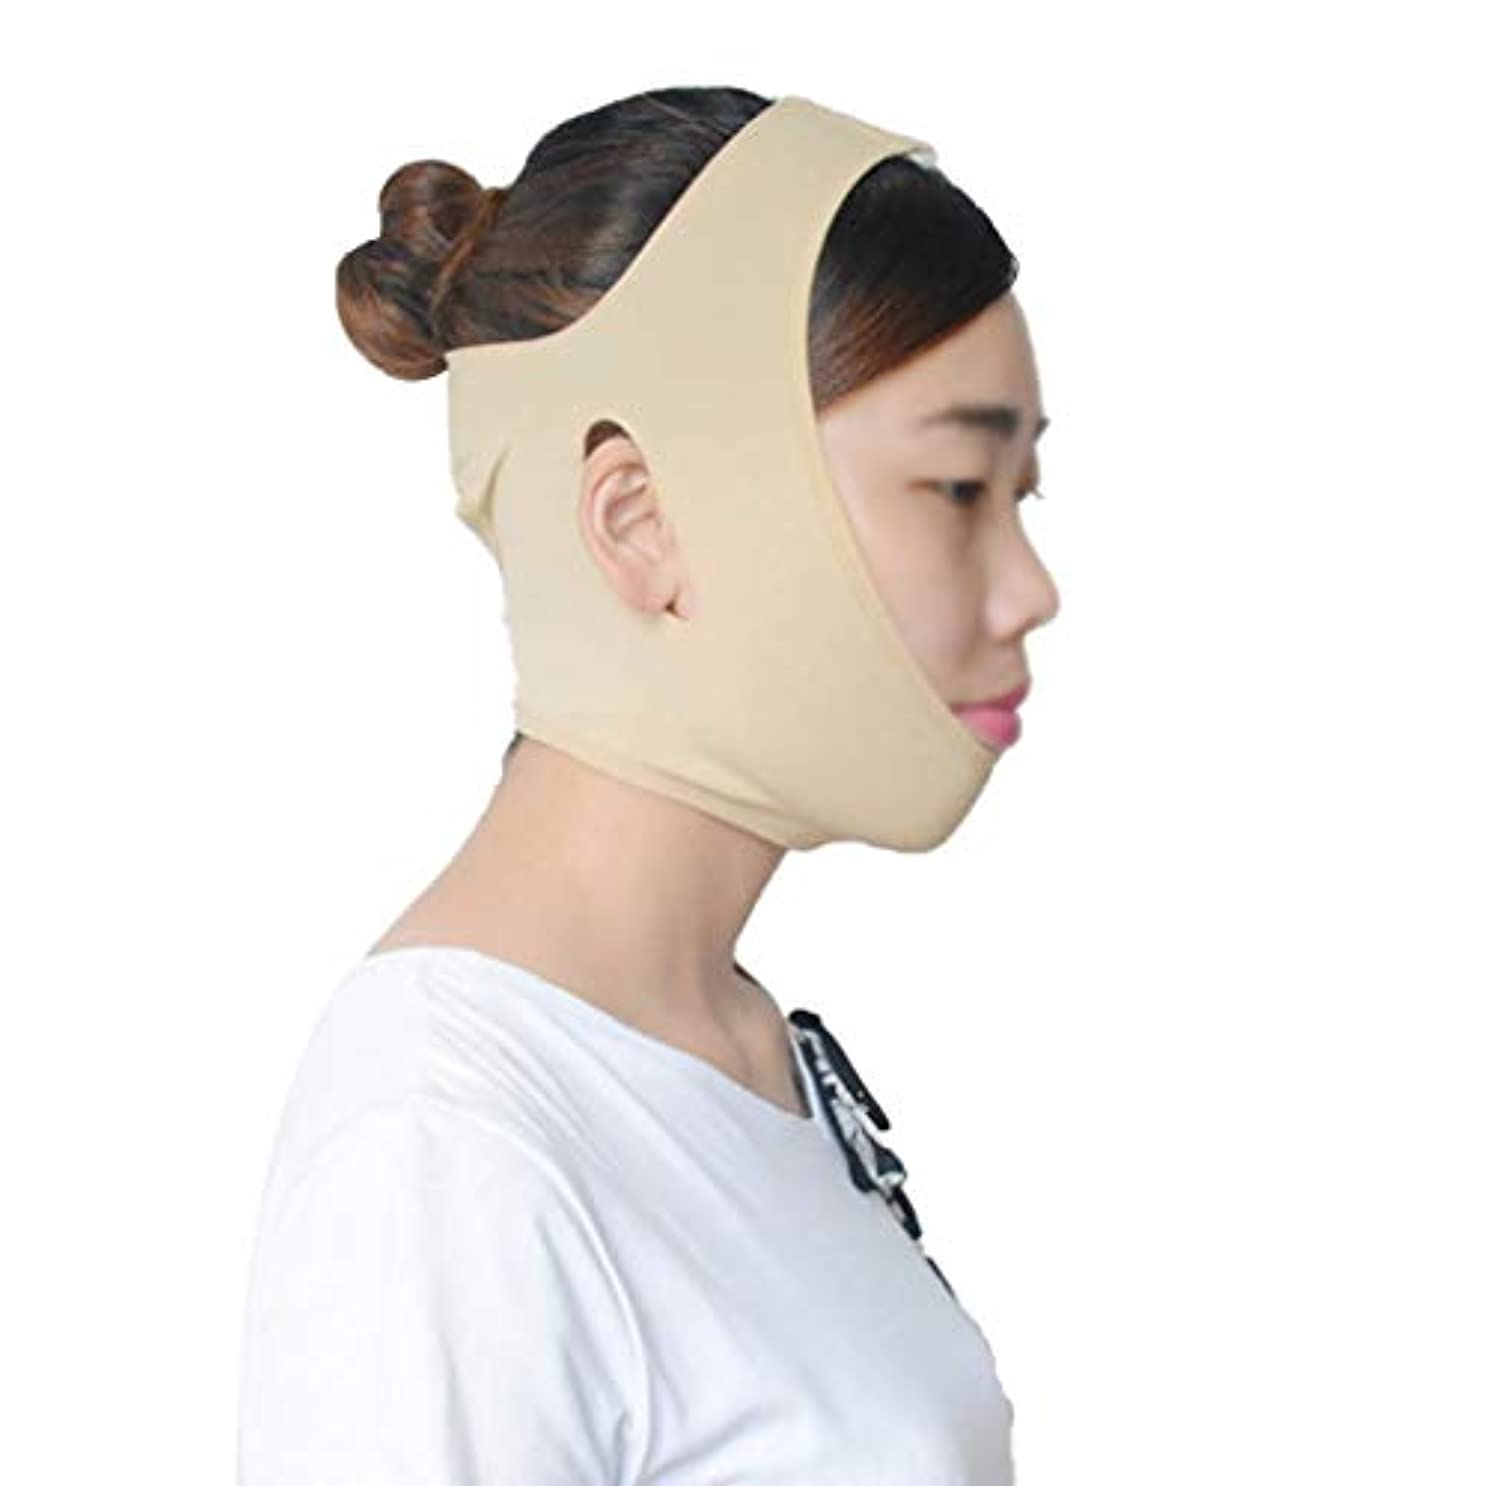 お祝いぐるぐるカップル引き締めフェイスマスク、フェイスリフトマスク強力なフェイスリフティングツールフェイスビューティフェイスリフティングフェイスマスク引き締めフェイスリフティングフェイスリフティングフェイスリフティング包帯 (Size : L)